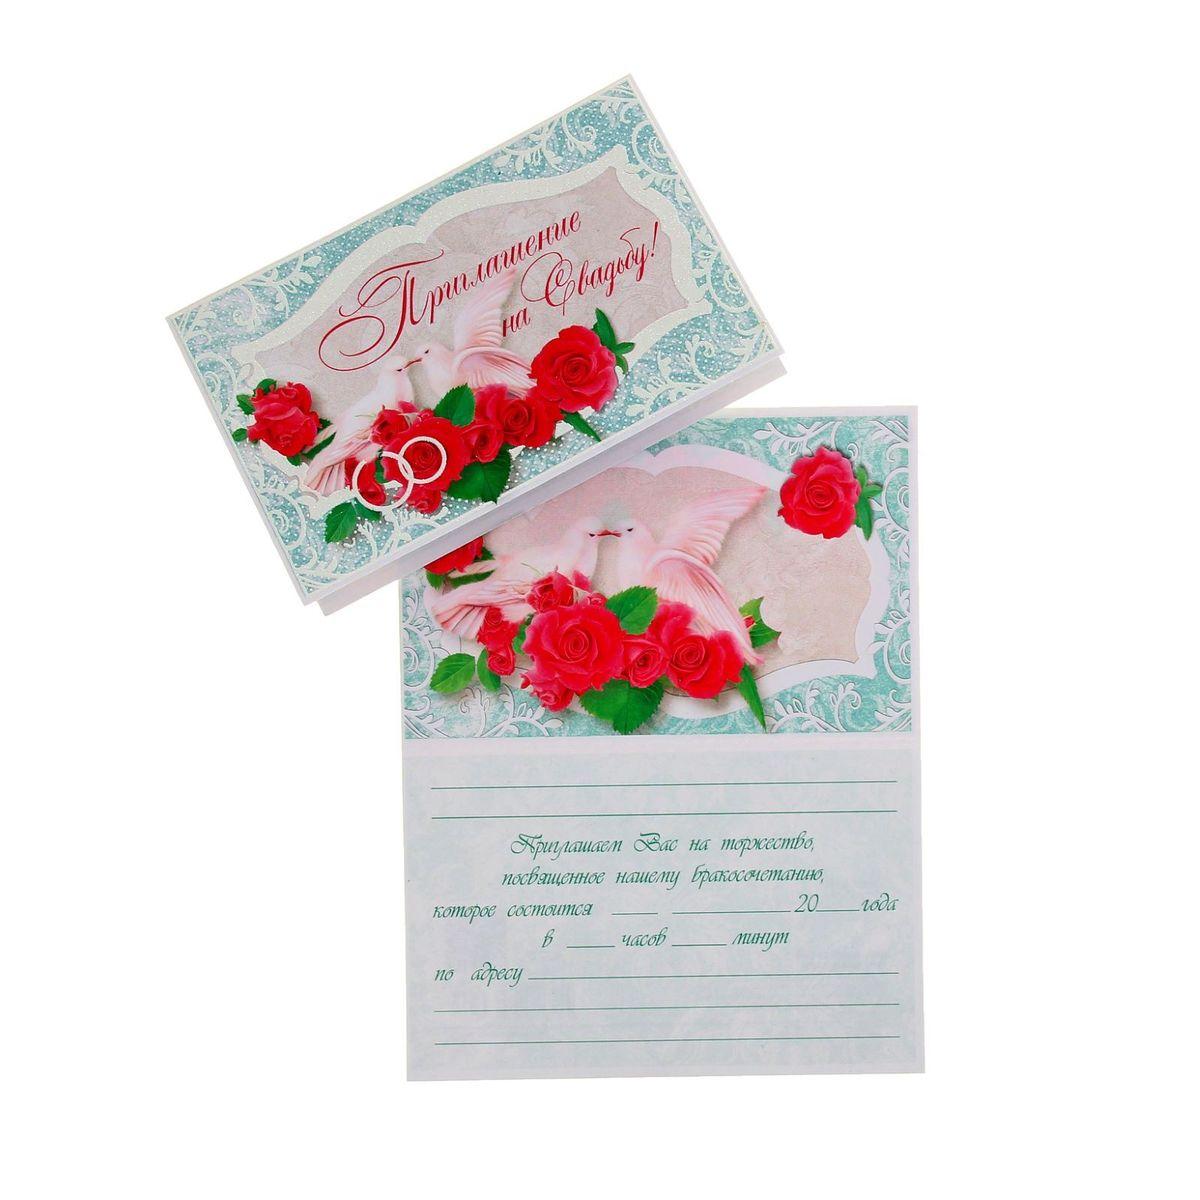 Приглашение на свадьбу Русский дизайн Голуби и розы, 18 х 14 см1149927Красивая свадебная пригласительная открытка станет незаменимым атрибутом подготовки к предстоящему торжеству и позволит объявить самым дорогим вам людям о важном событии в вашей жизни. Приглашение на свадьбу Русский дизайн Голуби и розы, выполненное из картона, отличается не только оригинальным дизайном, но и высоким качеством. Внутри - текст приглашения. Вам остается заполнить необходимые строки и раздать гостям. Устройте себе незабываемую свадьбу! Размер: 18 х 14 см.